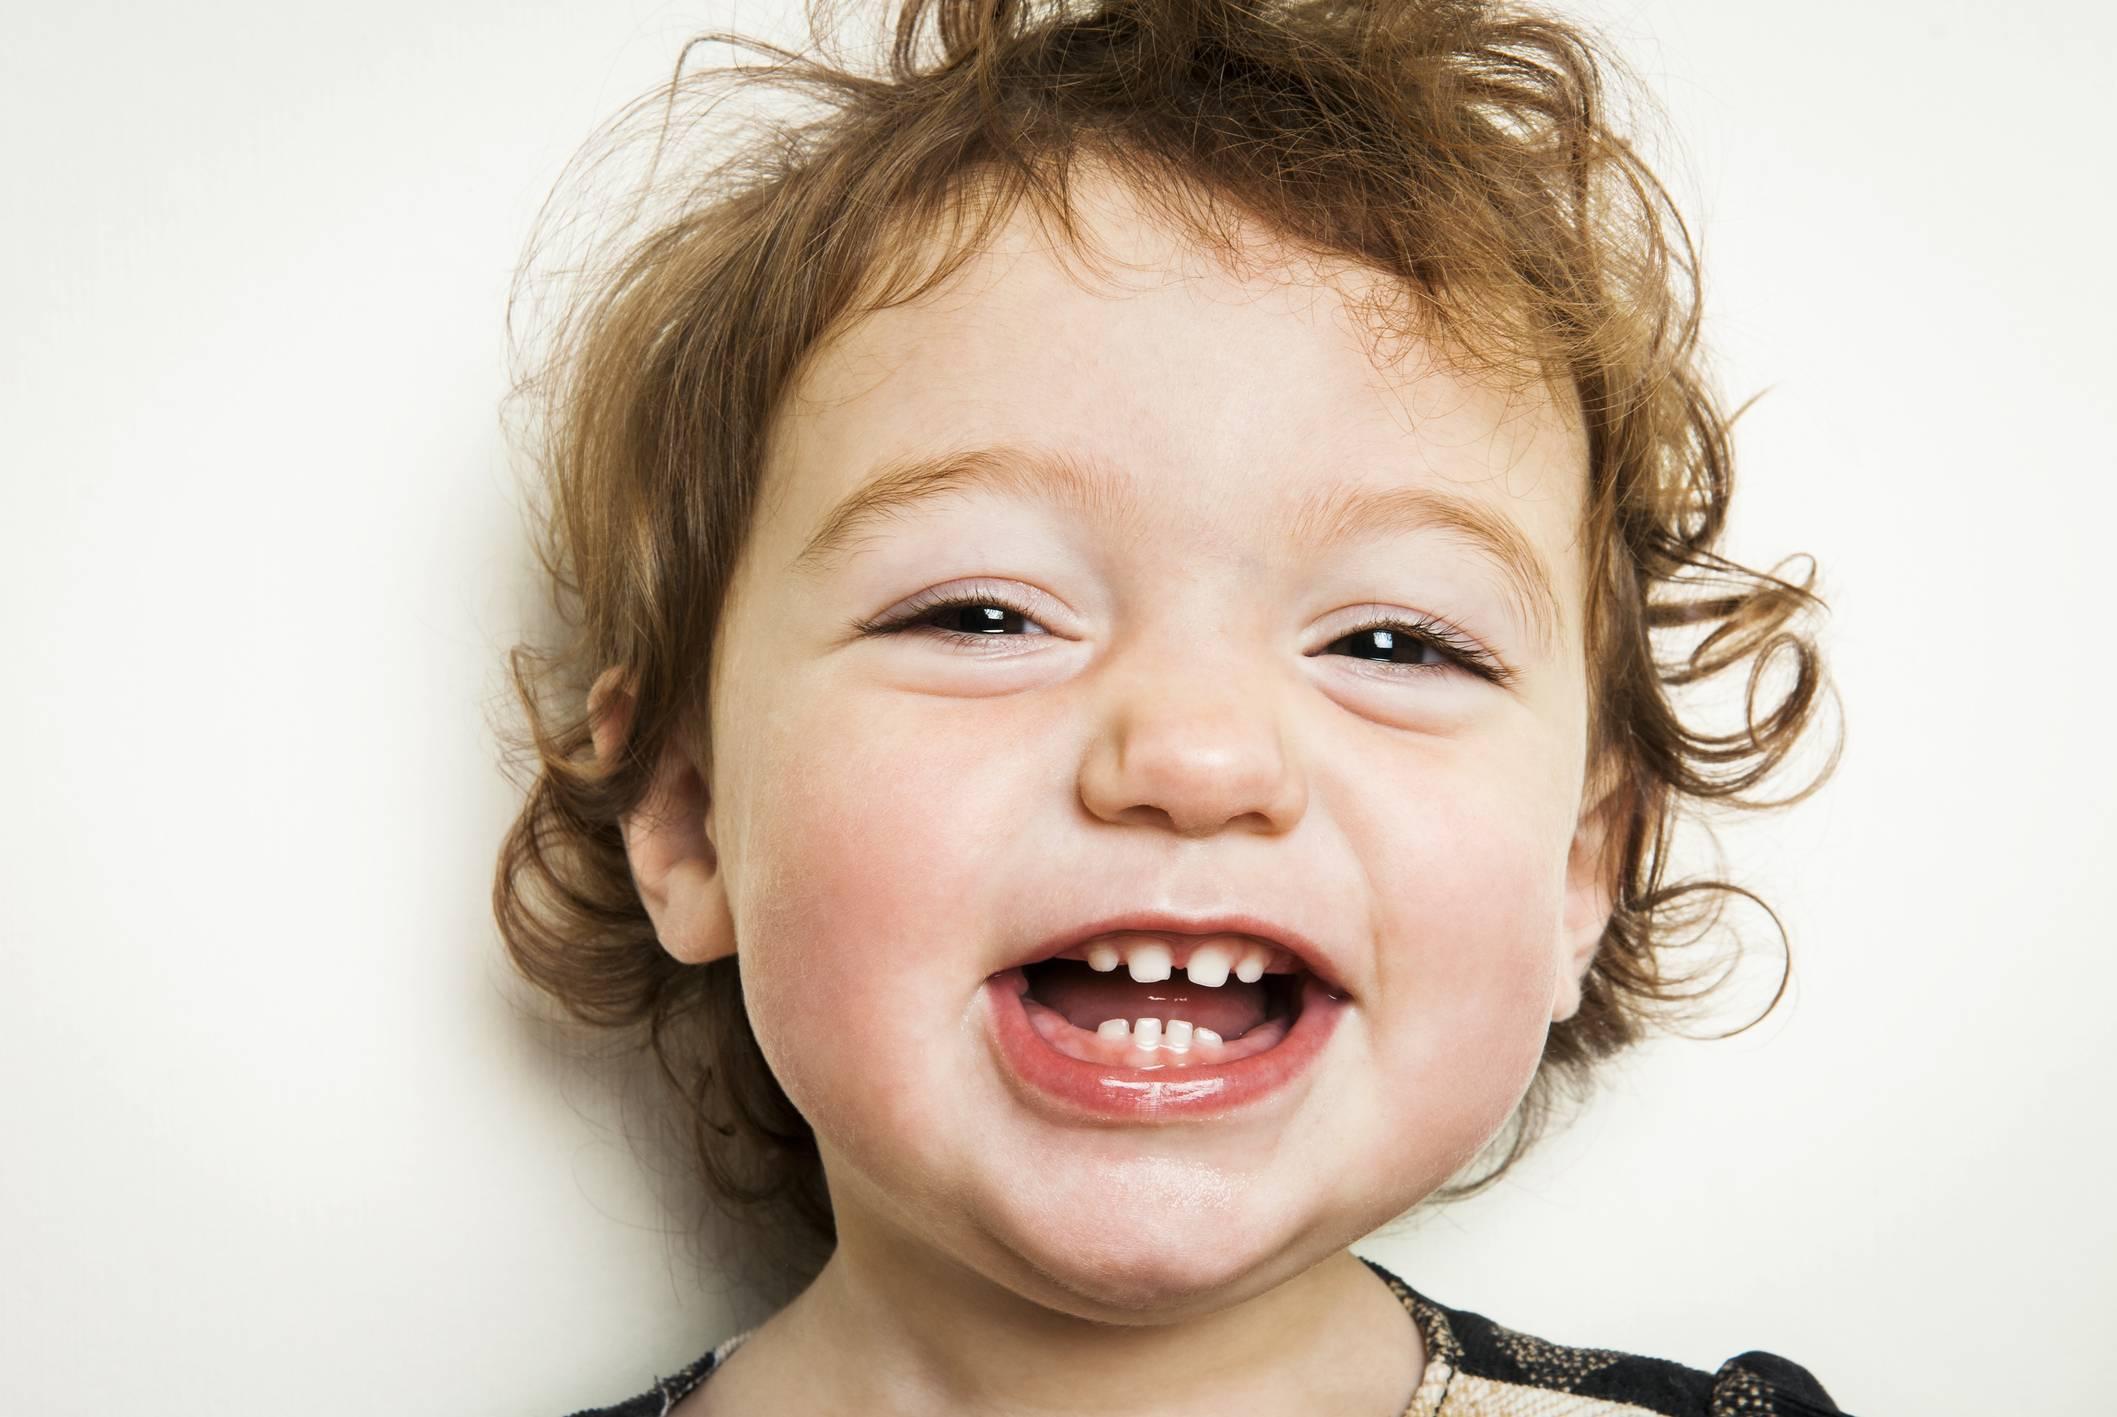 Сколько дней лезет первый зуб у грудничка: длительность роста и прорезывания